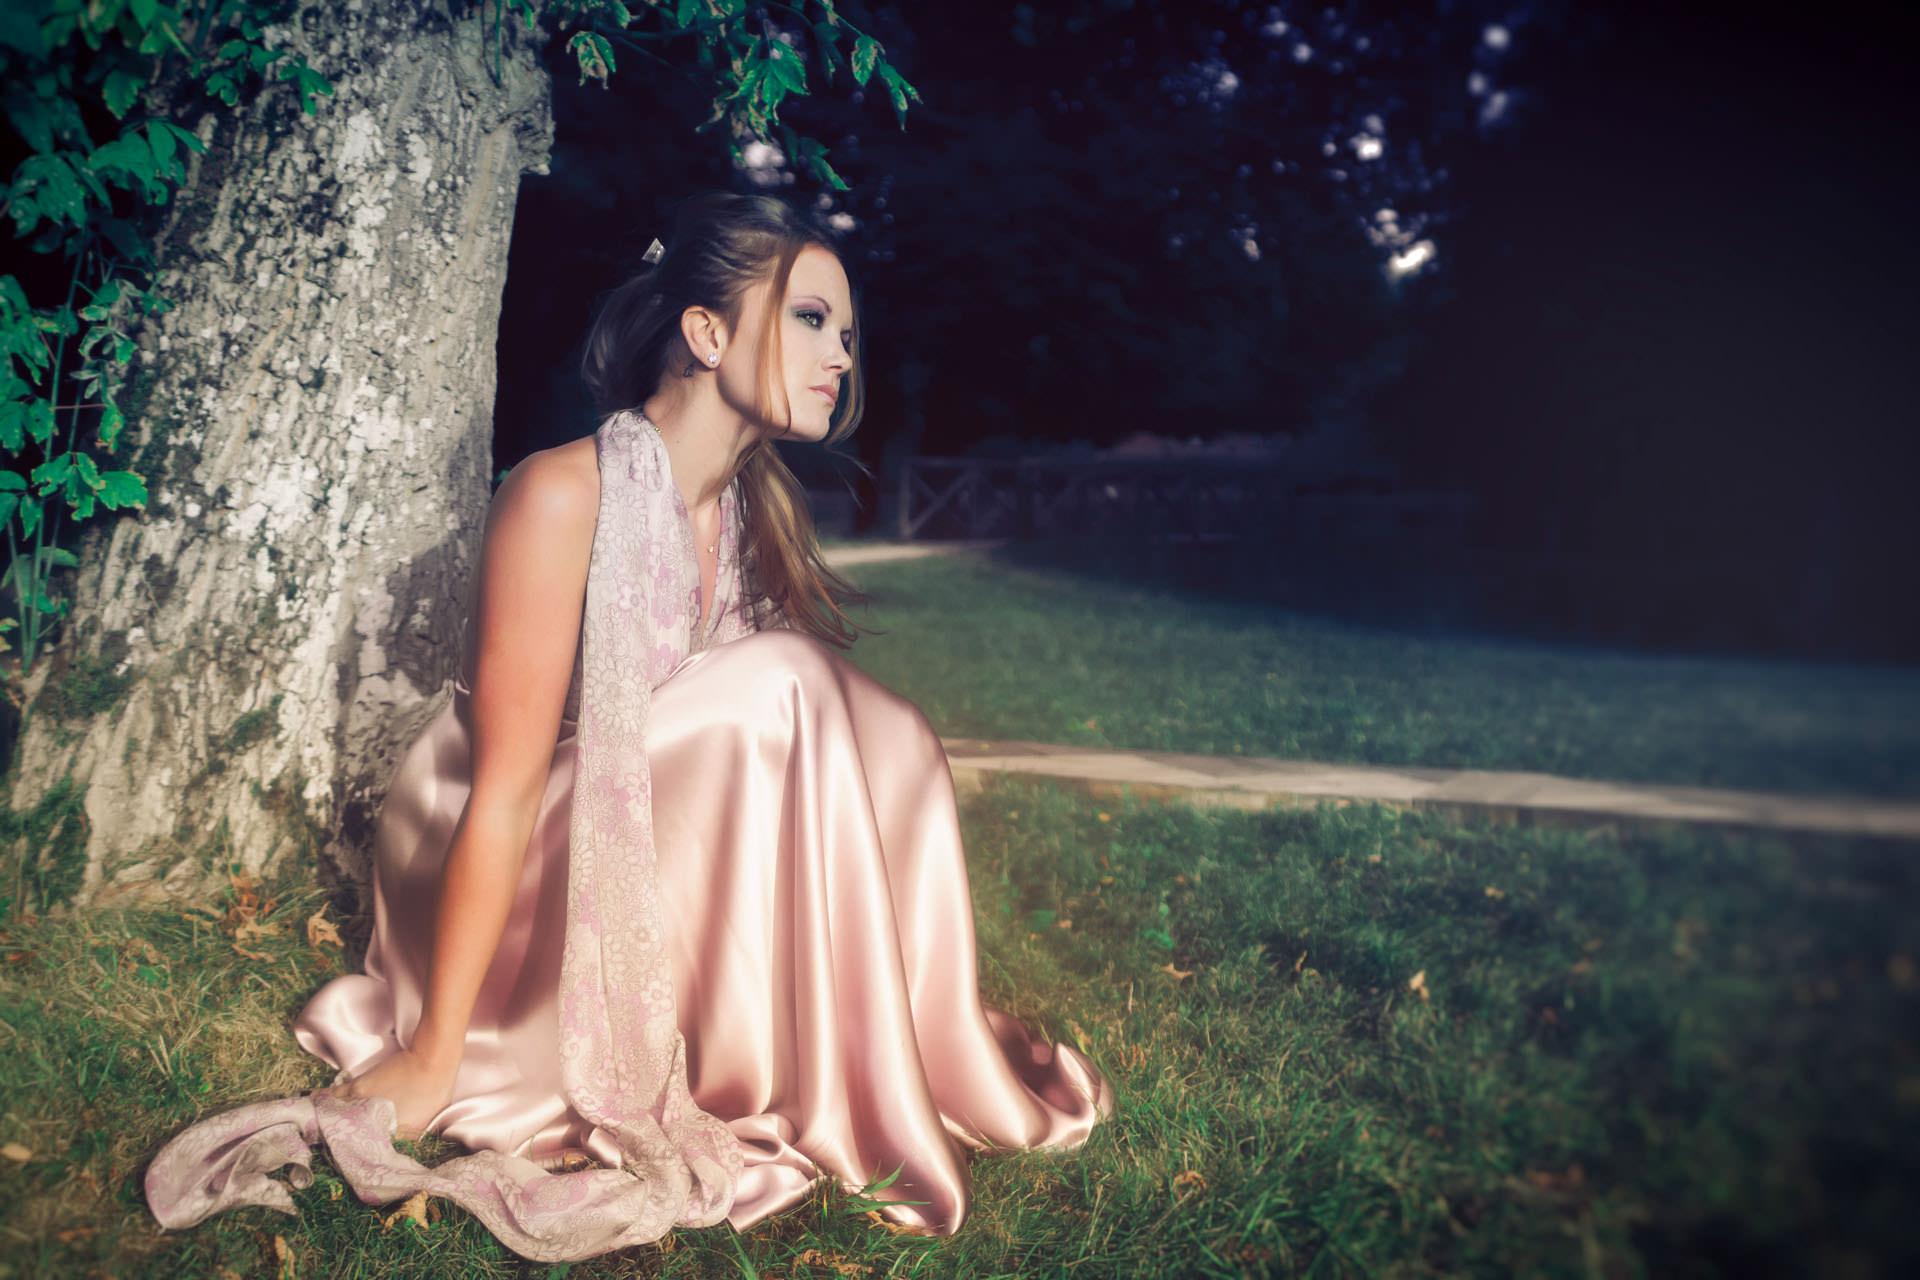 2012-09-20 - Chérie - Chamarandes - 9663 - 1920px